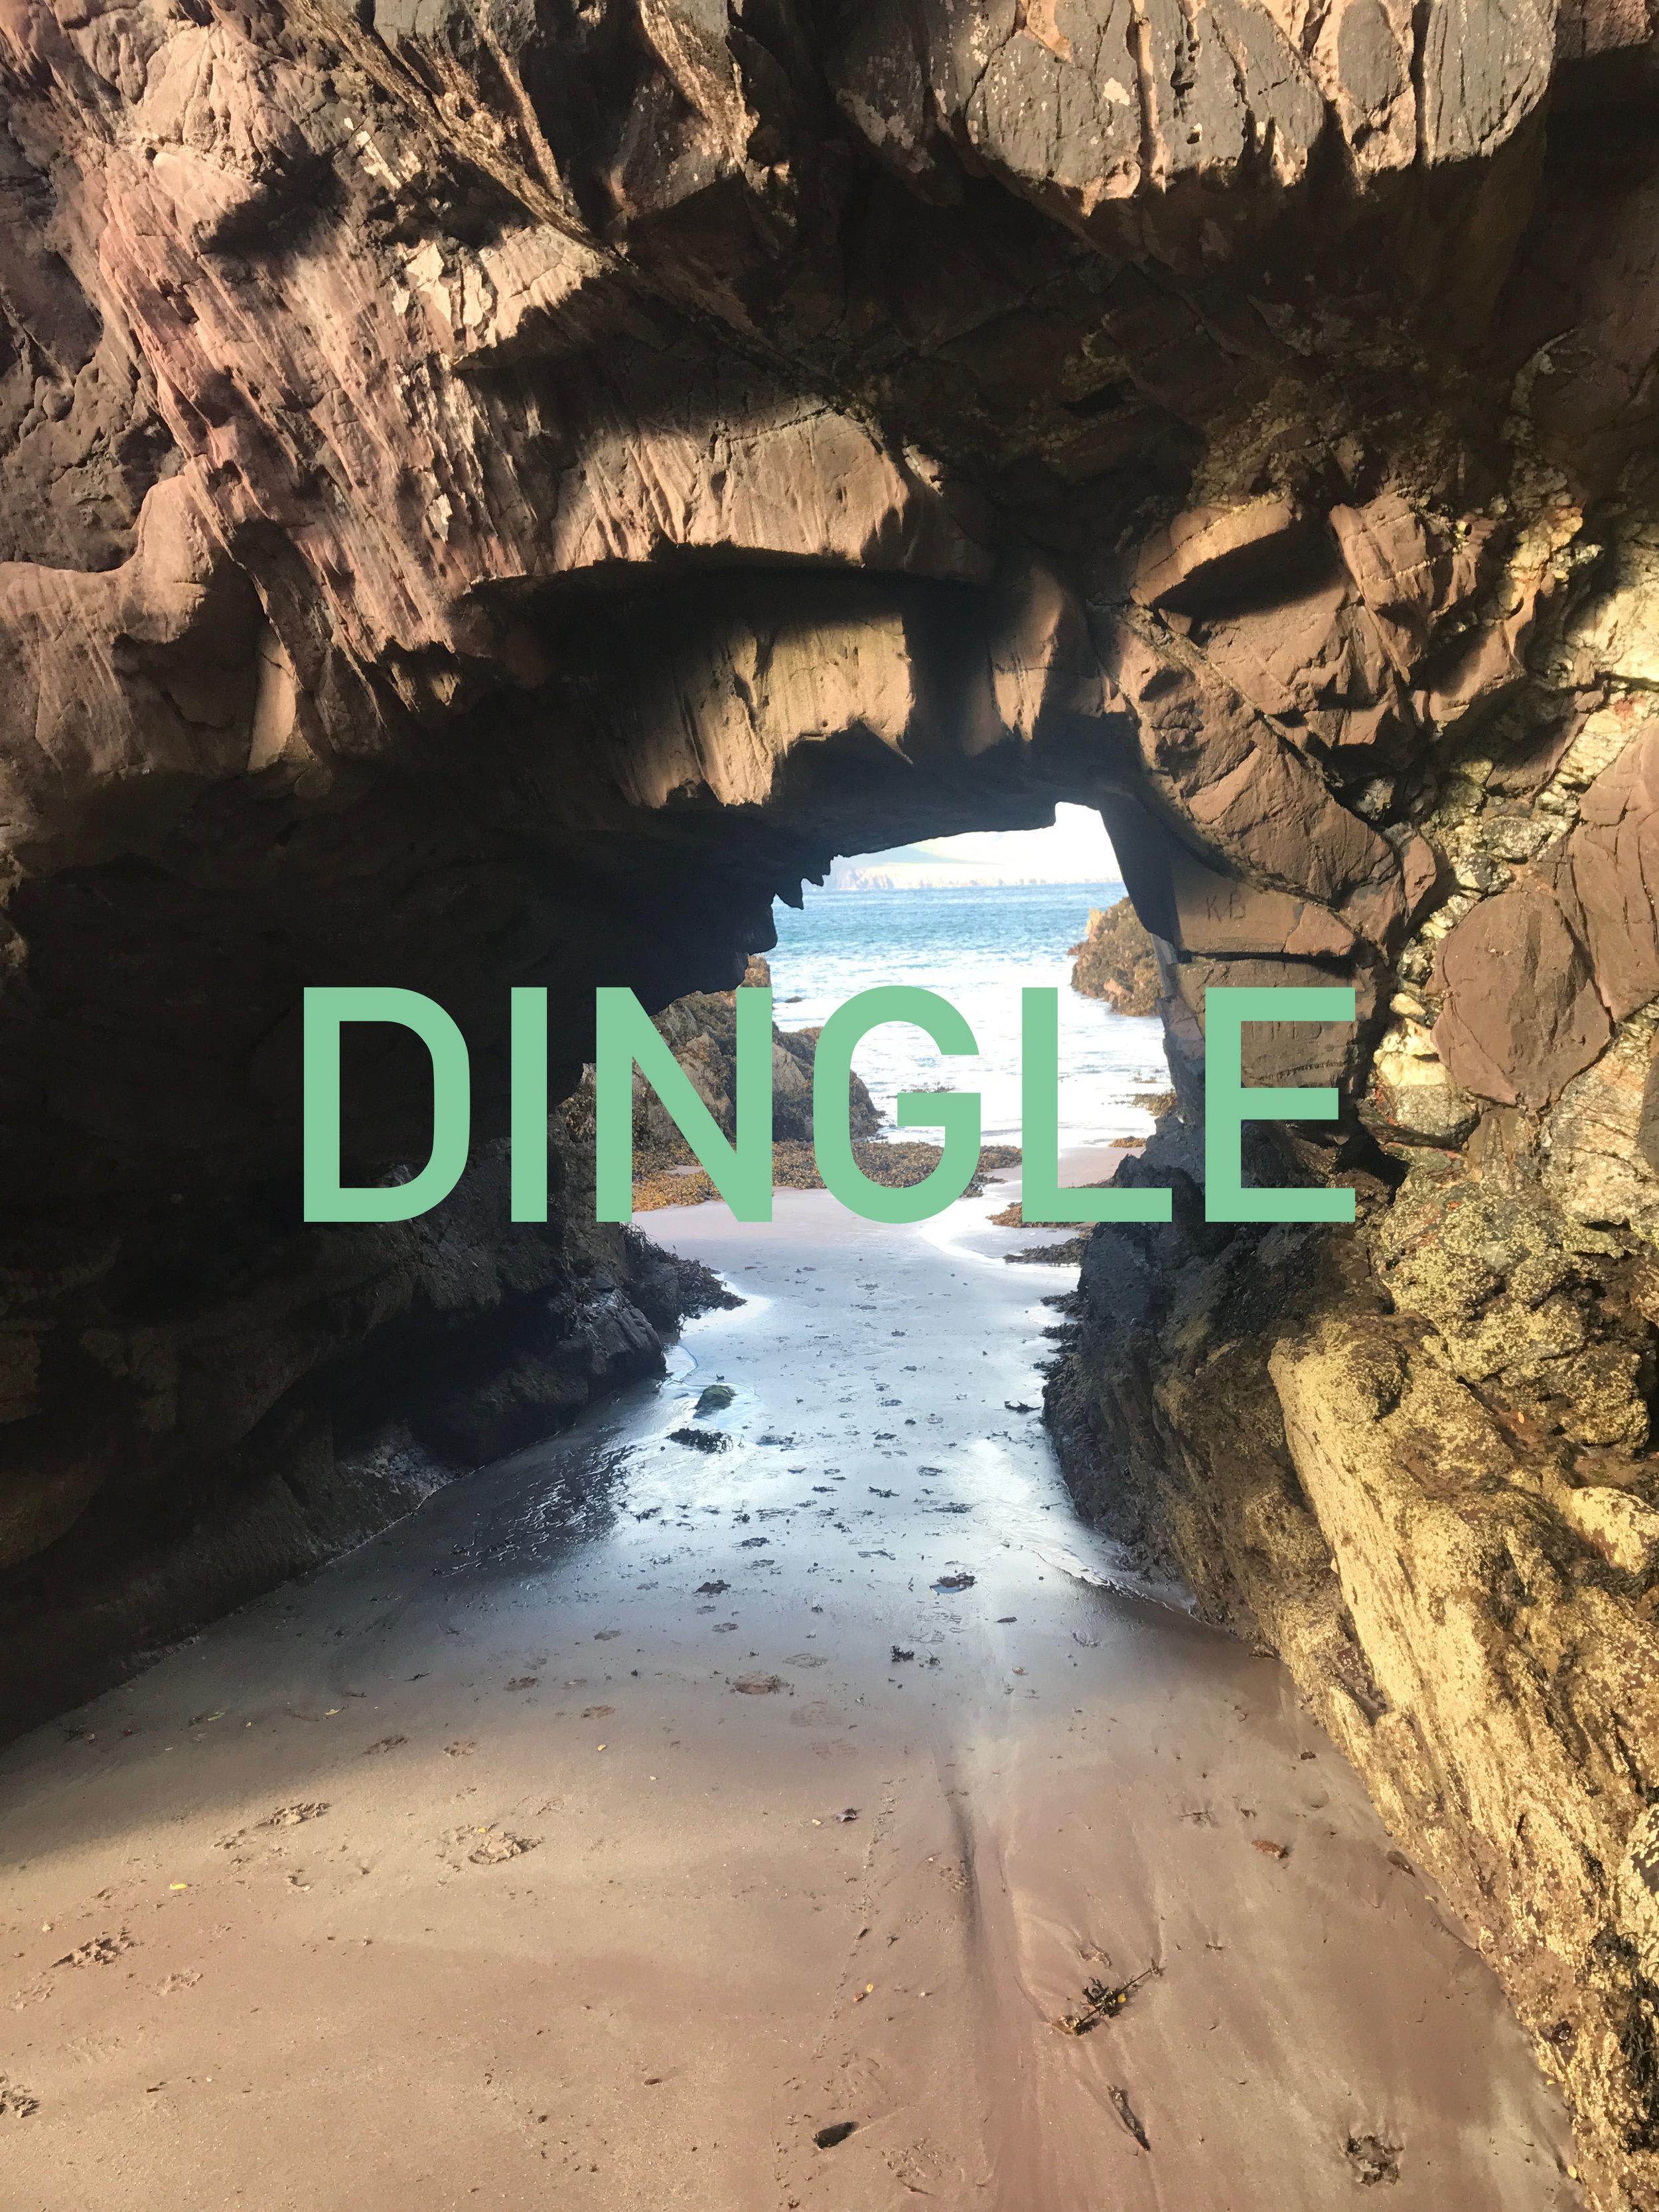 Dincle